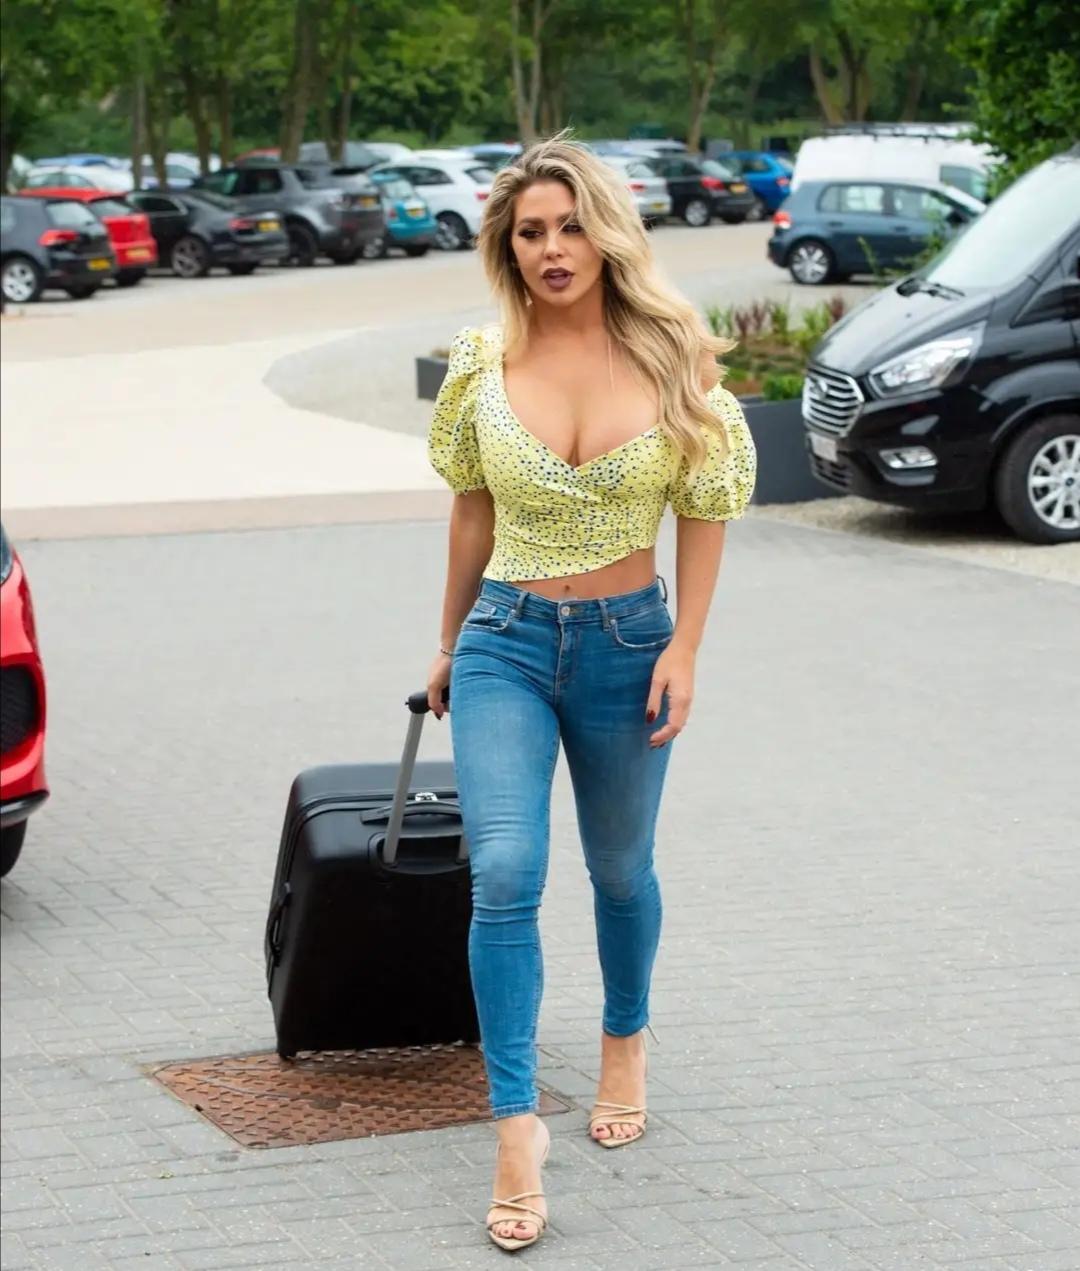 比安卡拖包出行,衬衫搭配牛仔裤,身材窈窕时尚迷人